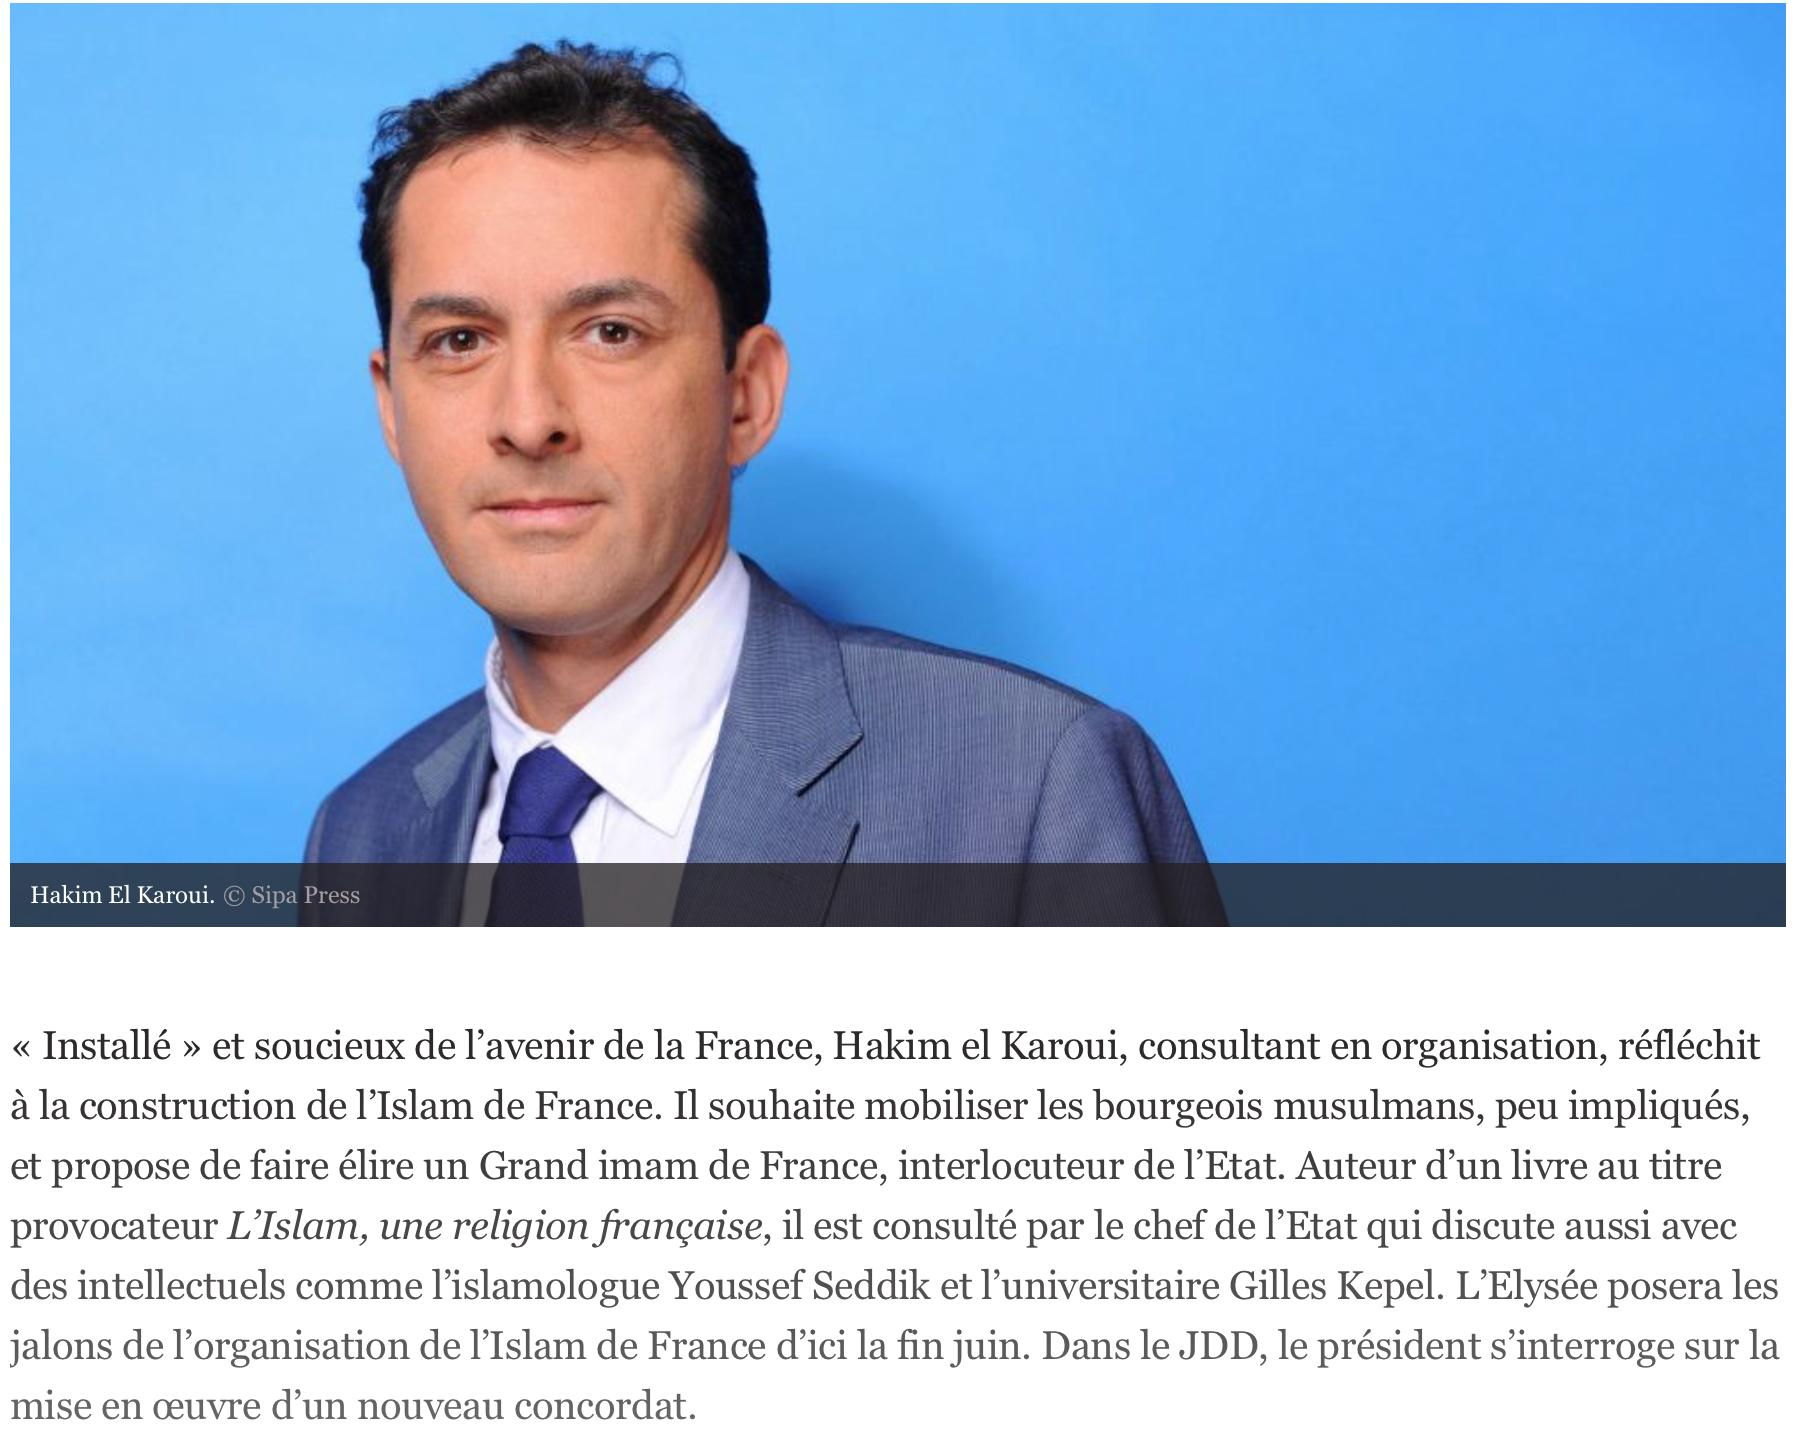 Halal : grâce à Macron les cons qui mangent autre chose que du porc vont payer le salaire des imams